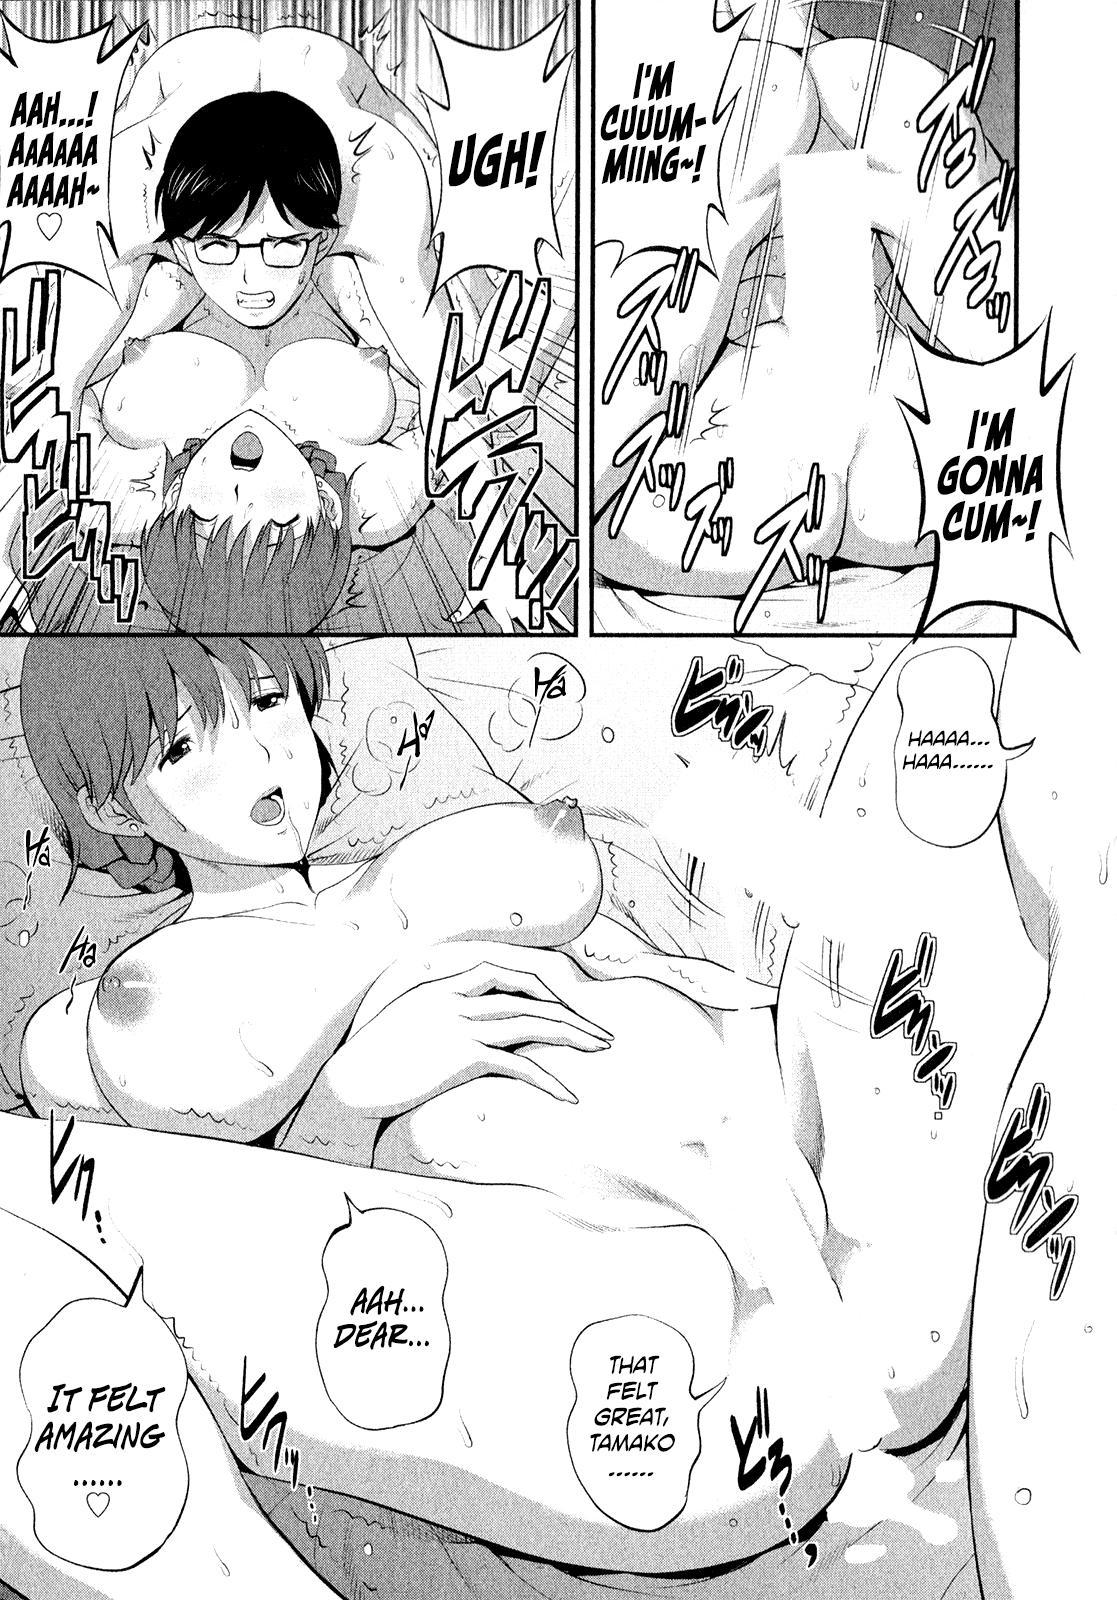 [Saigado] Hitozuma Audrey-san no Himitsu ~30-sai kara no Furyou Tsuma Kouza~ - Vol. 2 [English] {Hennojin} 115